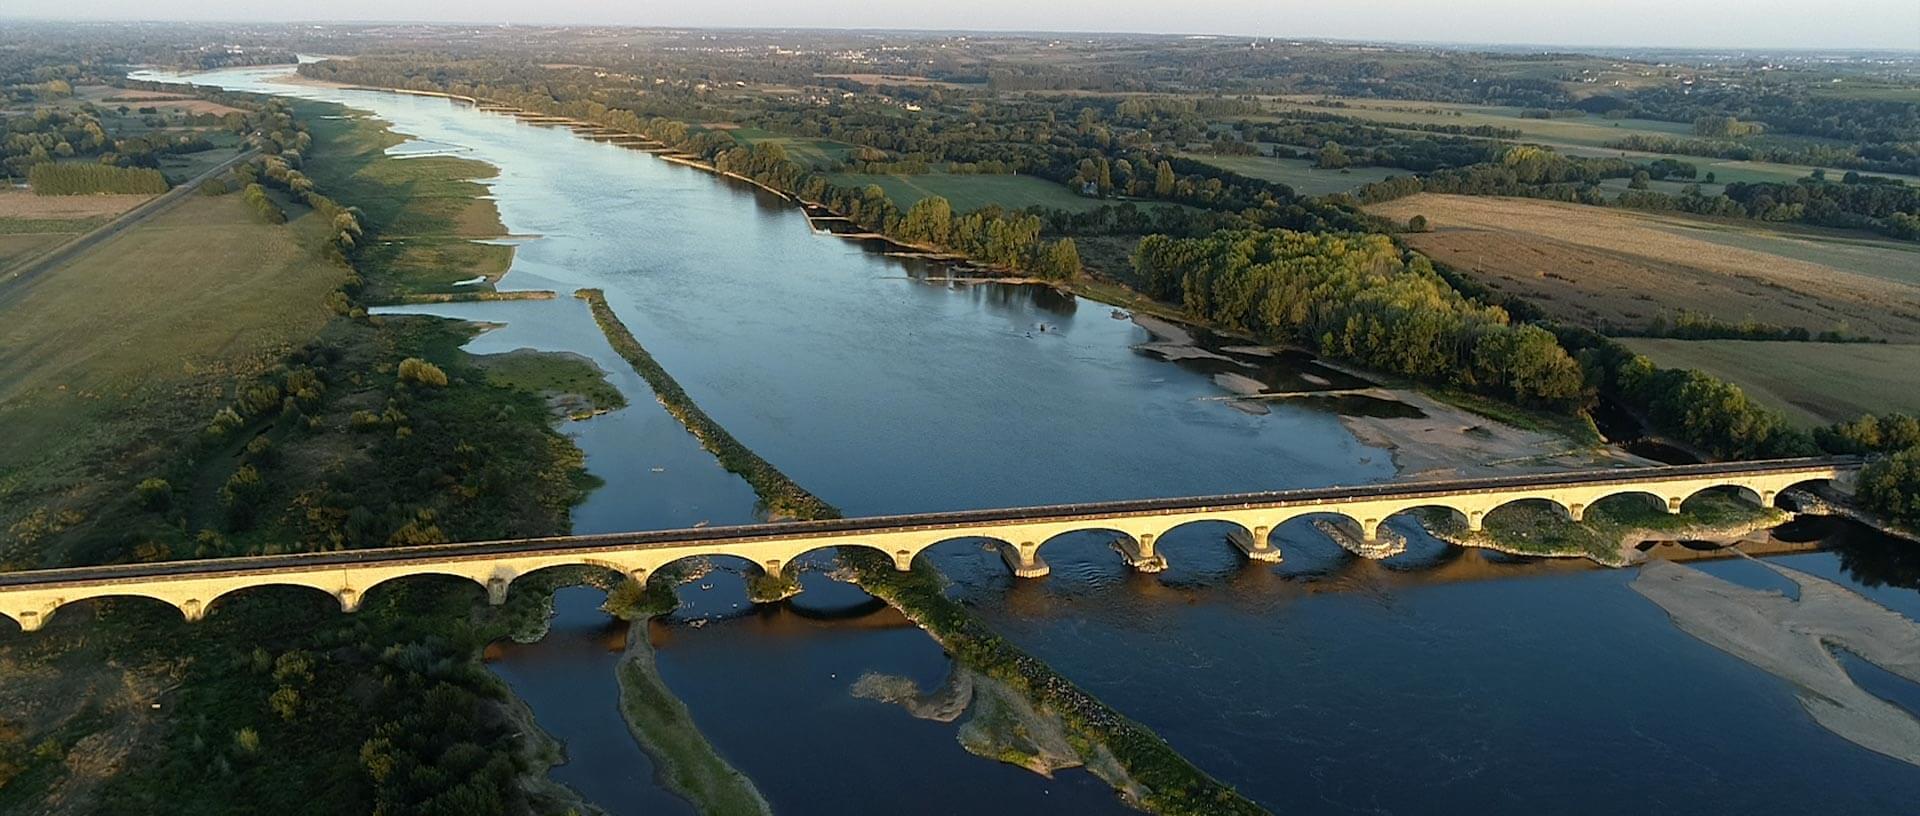 vue aérienne d'un pont par un drone Kronos Productions